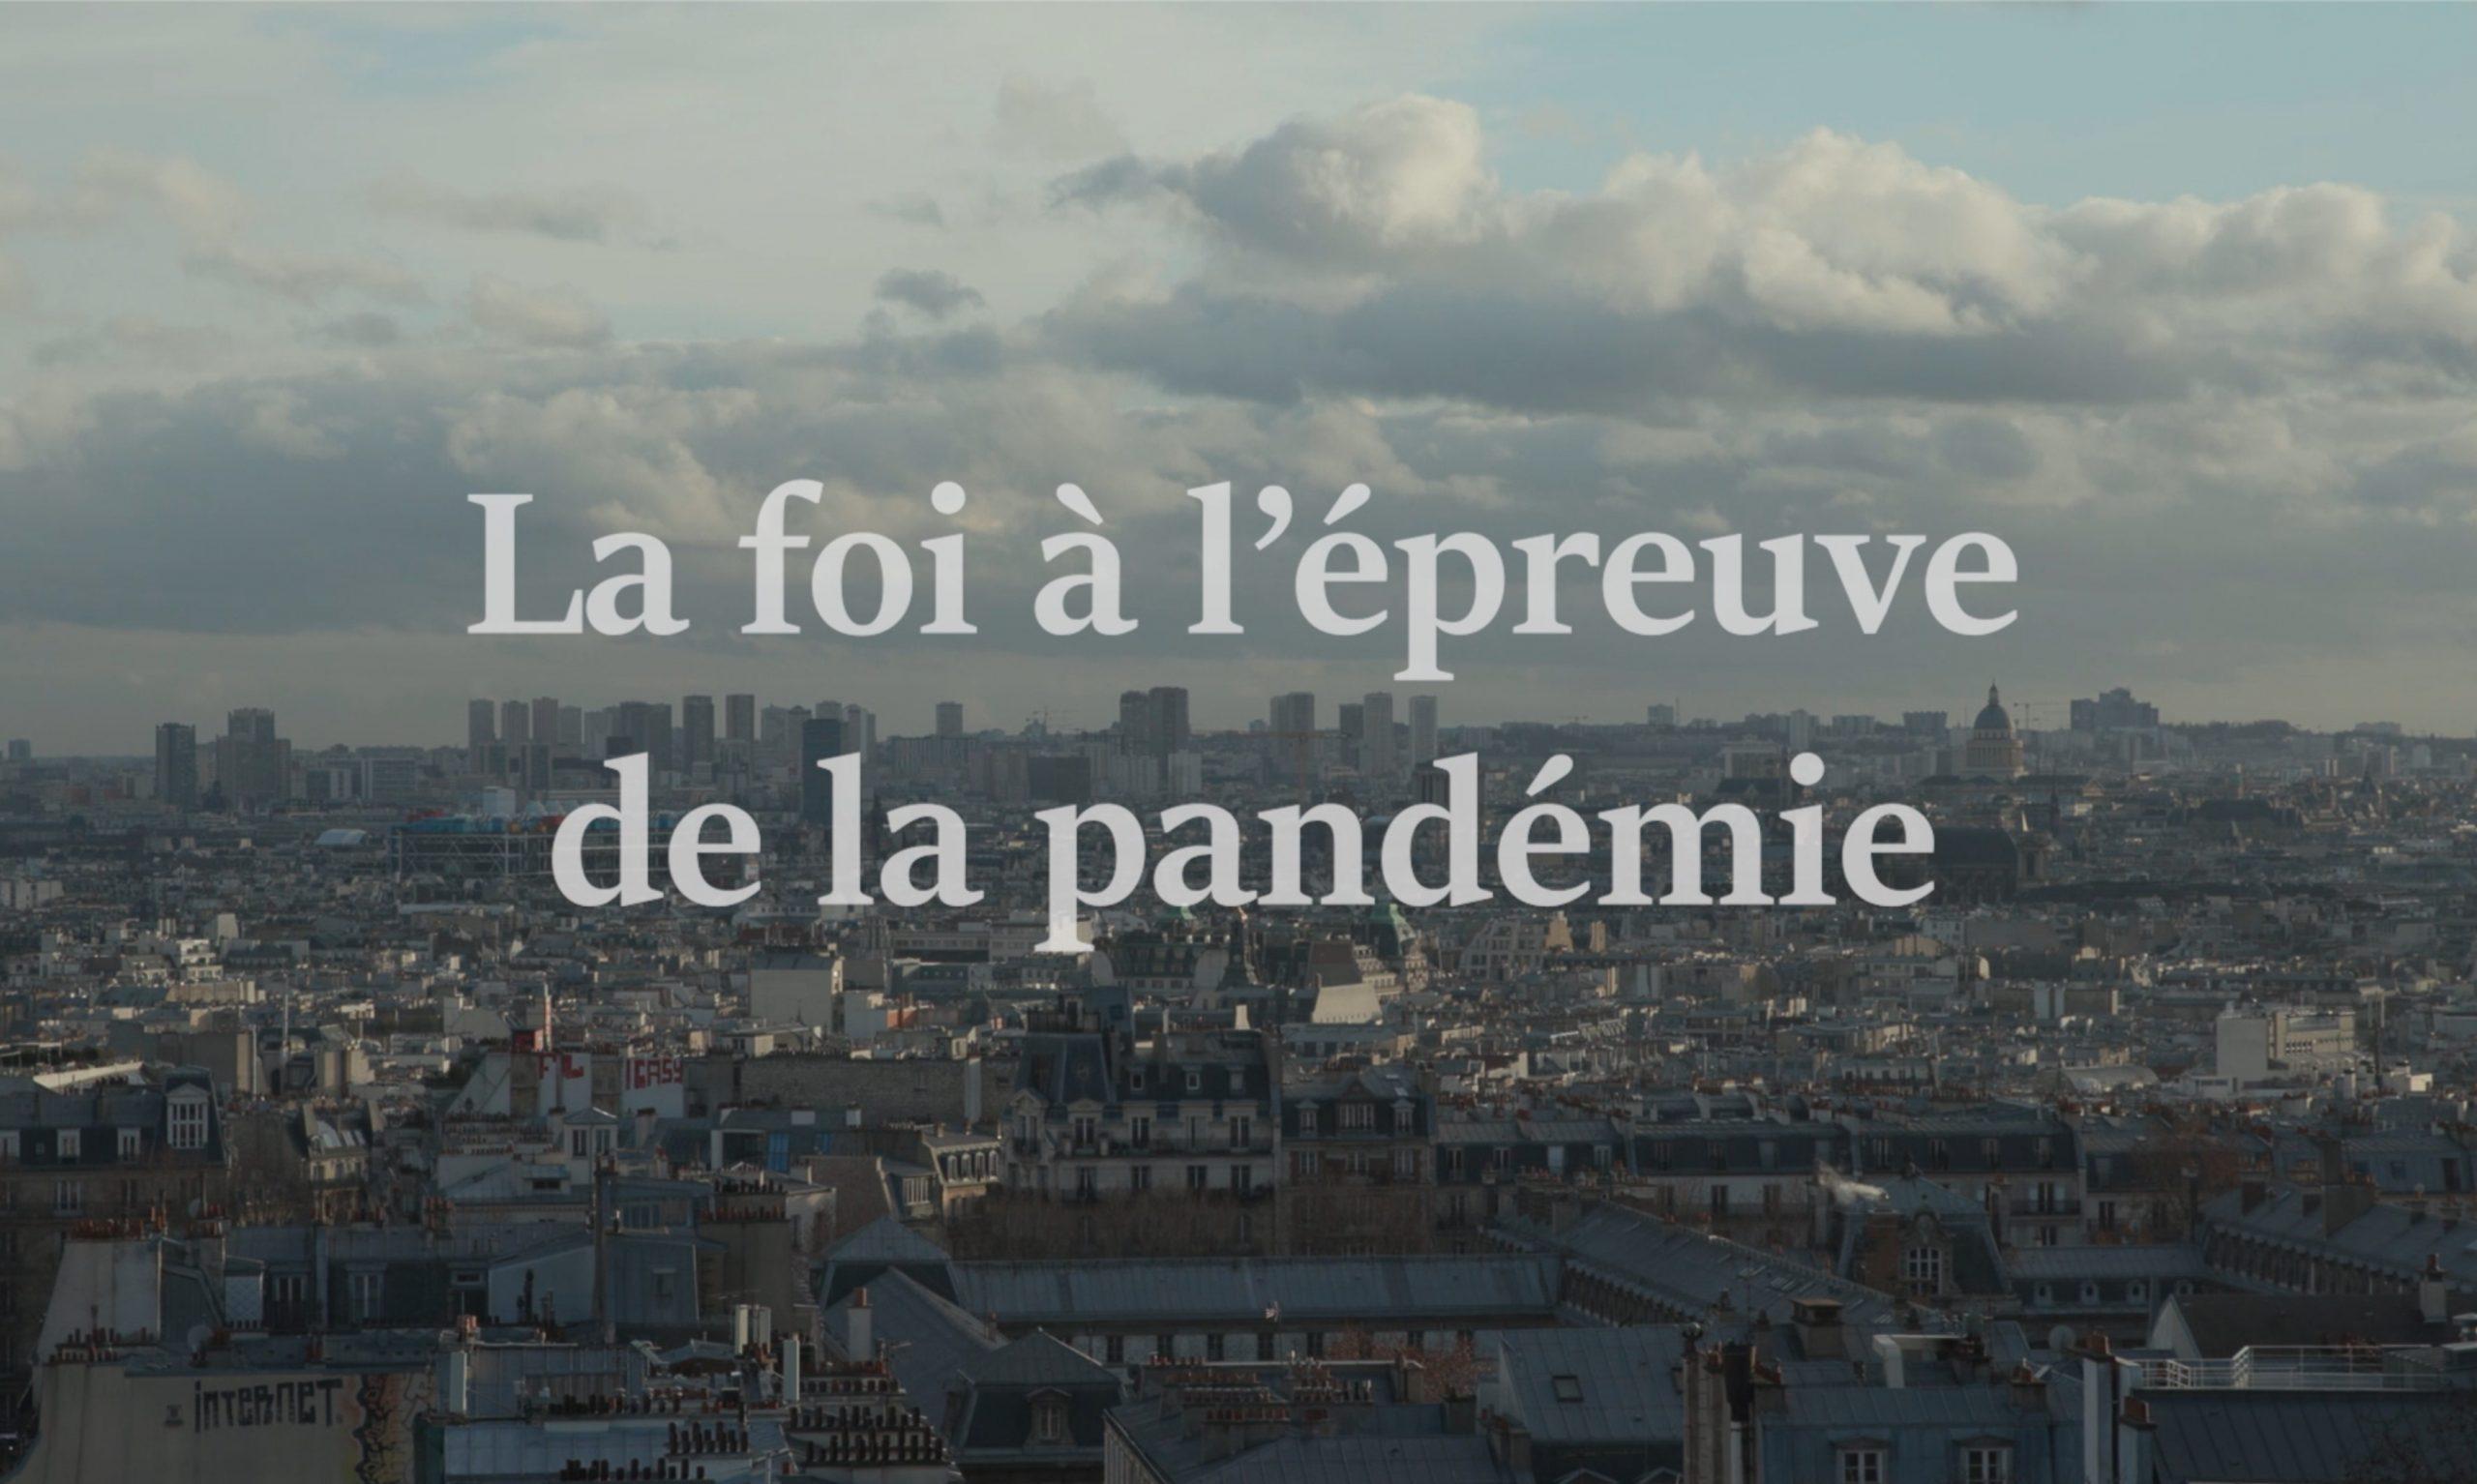 France 2 Orthodoxie : « La foi à l'éprouve de la pandémie » – dimanche 31 janvier à 9h30